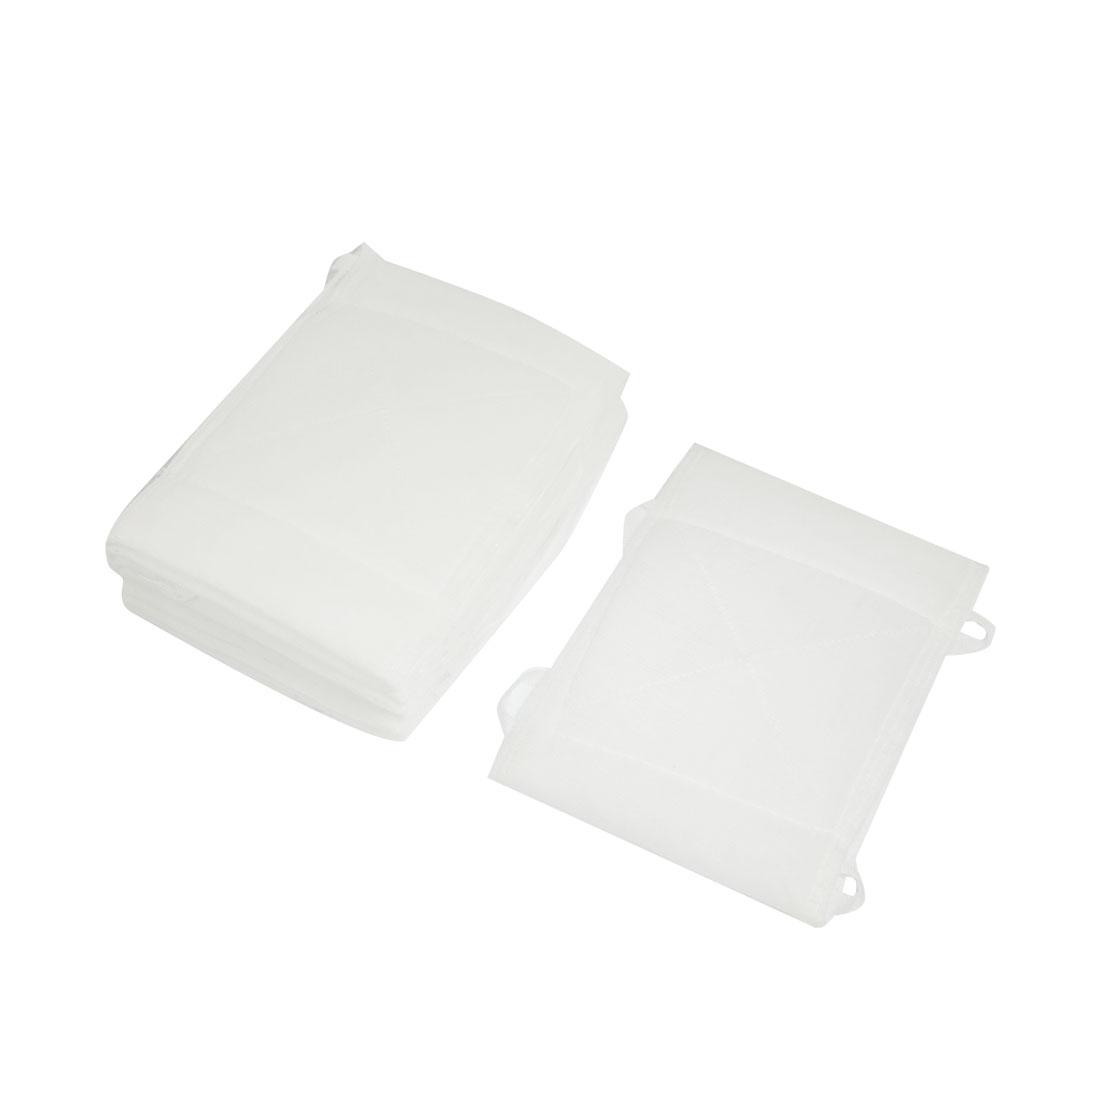 14cm x 18cm Washable White Soft Cotton Face Mouth Mask 10 Pcs